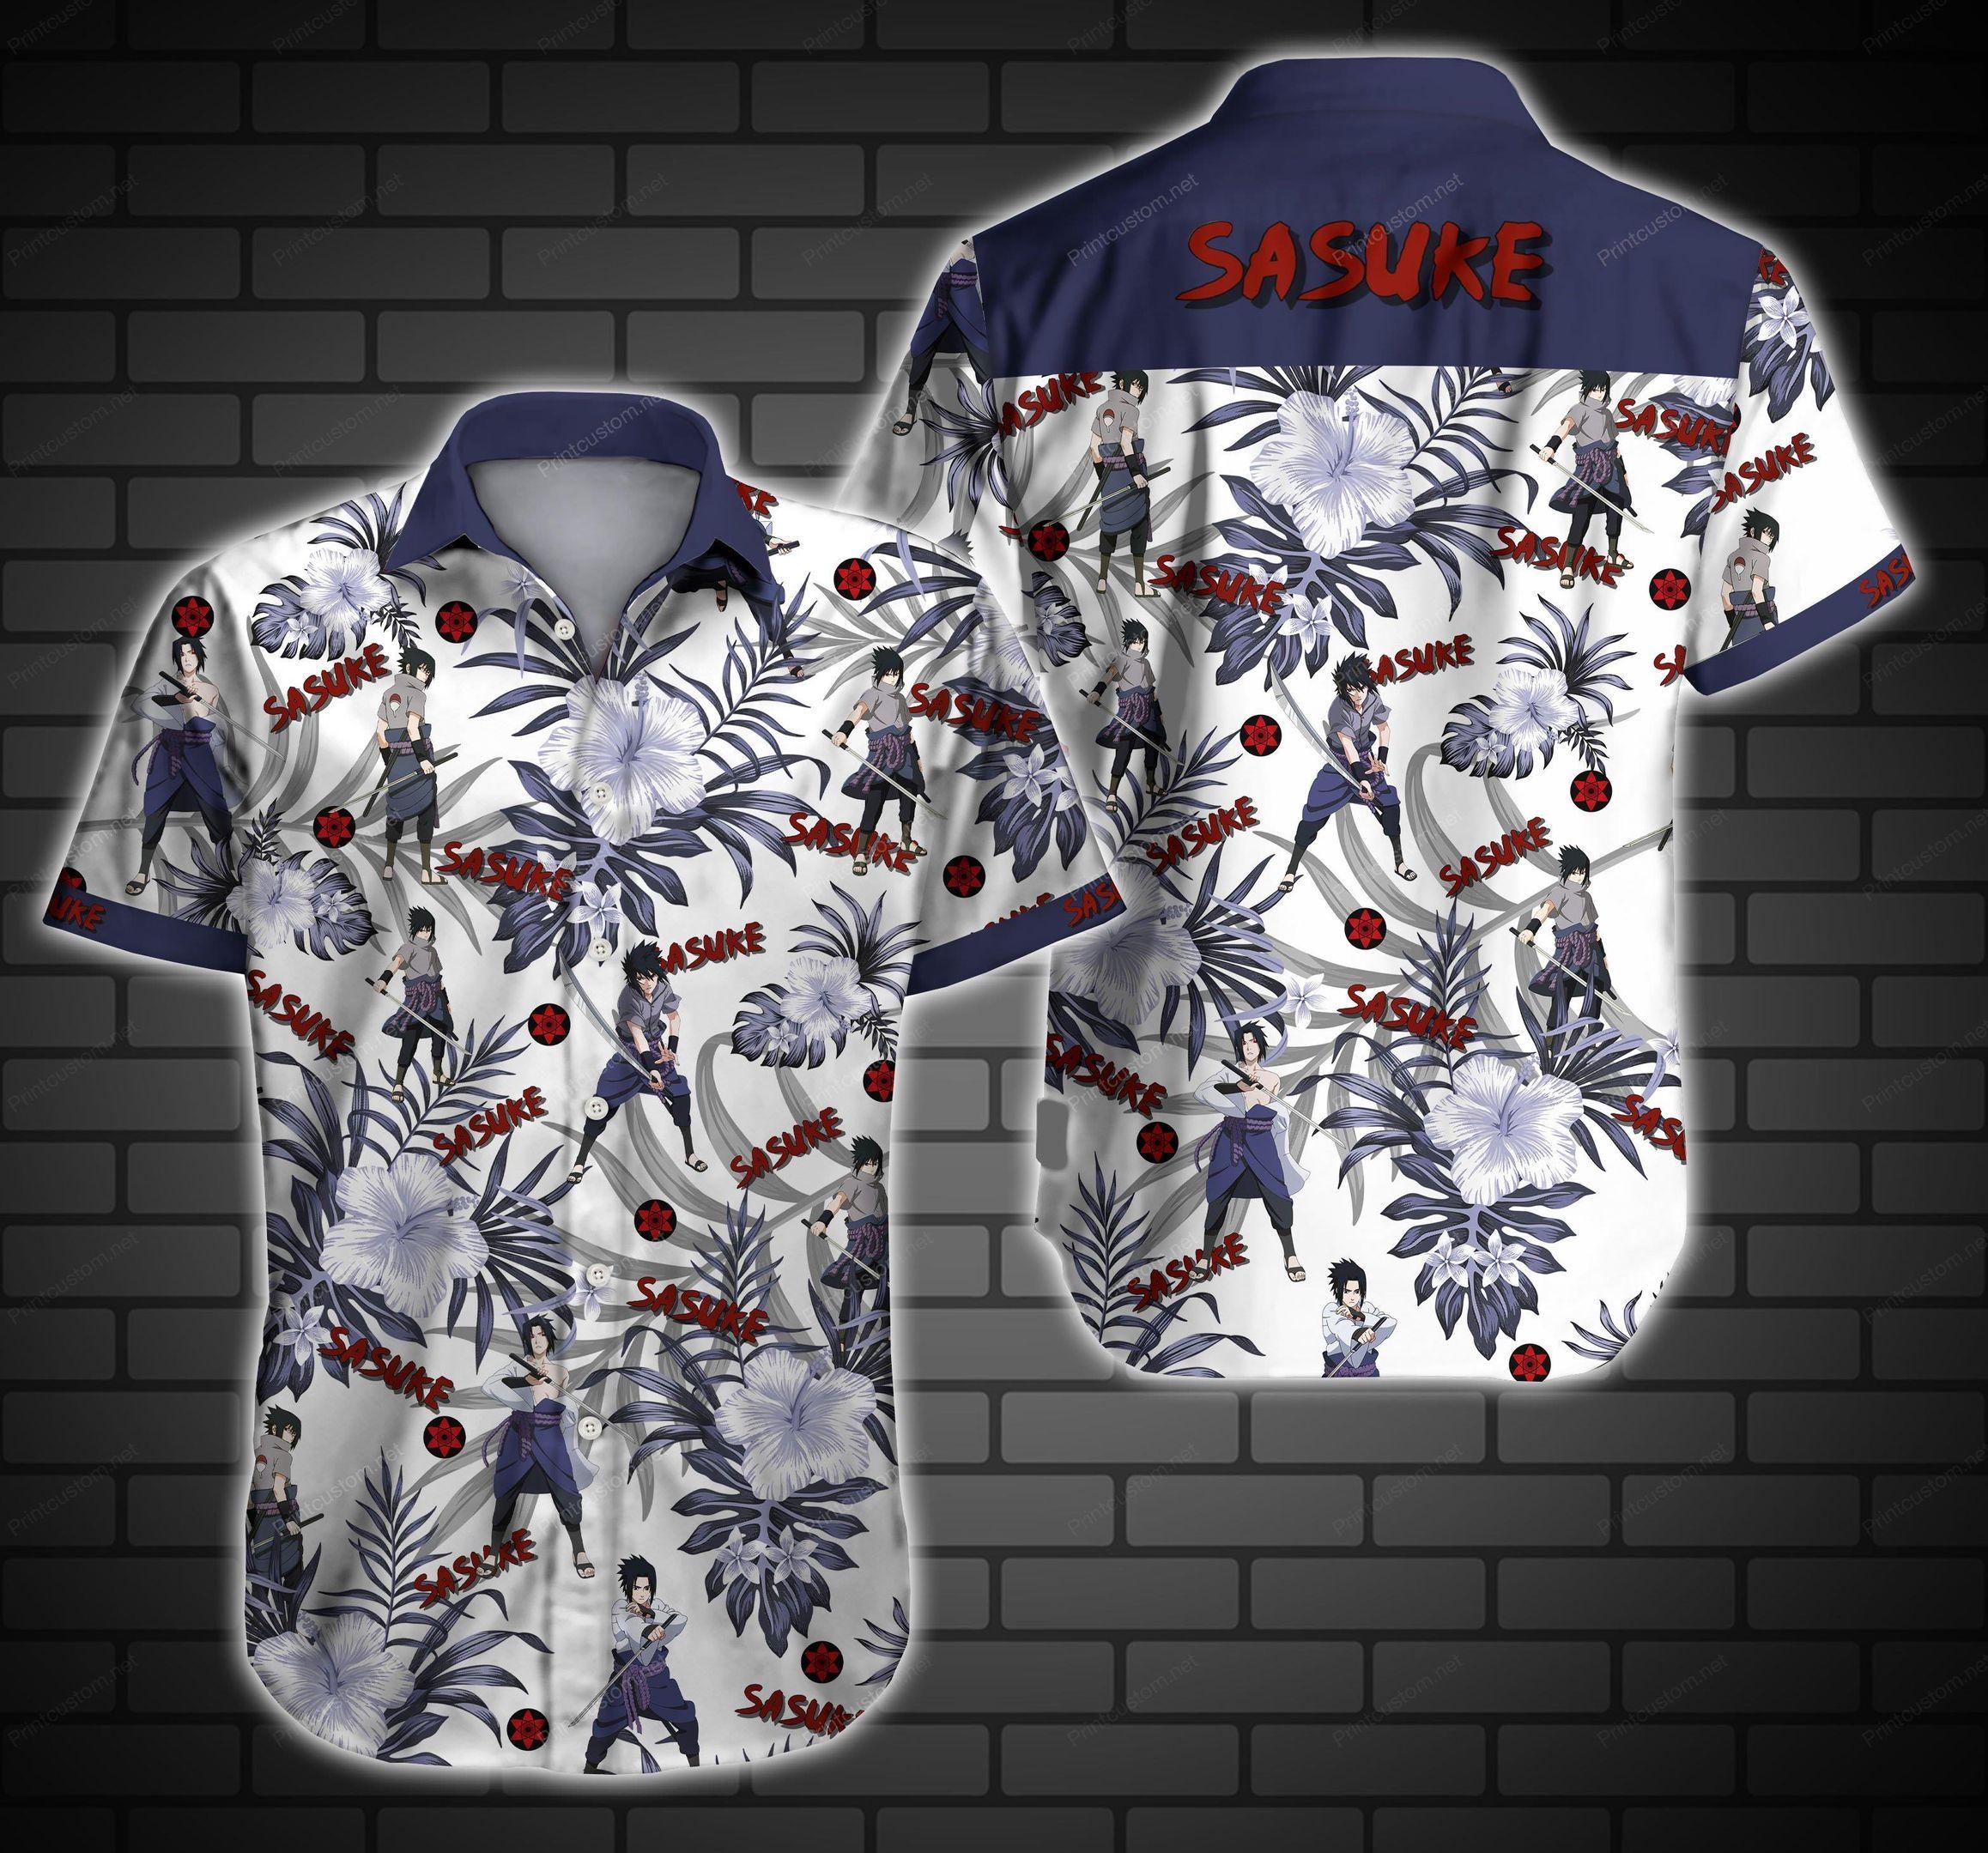 Sasuke Hawaiian Shirt Summer Shirt